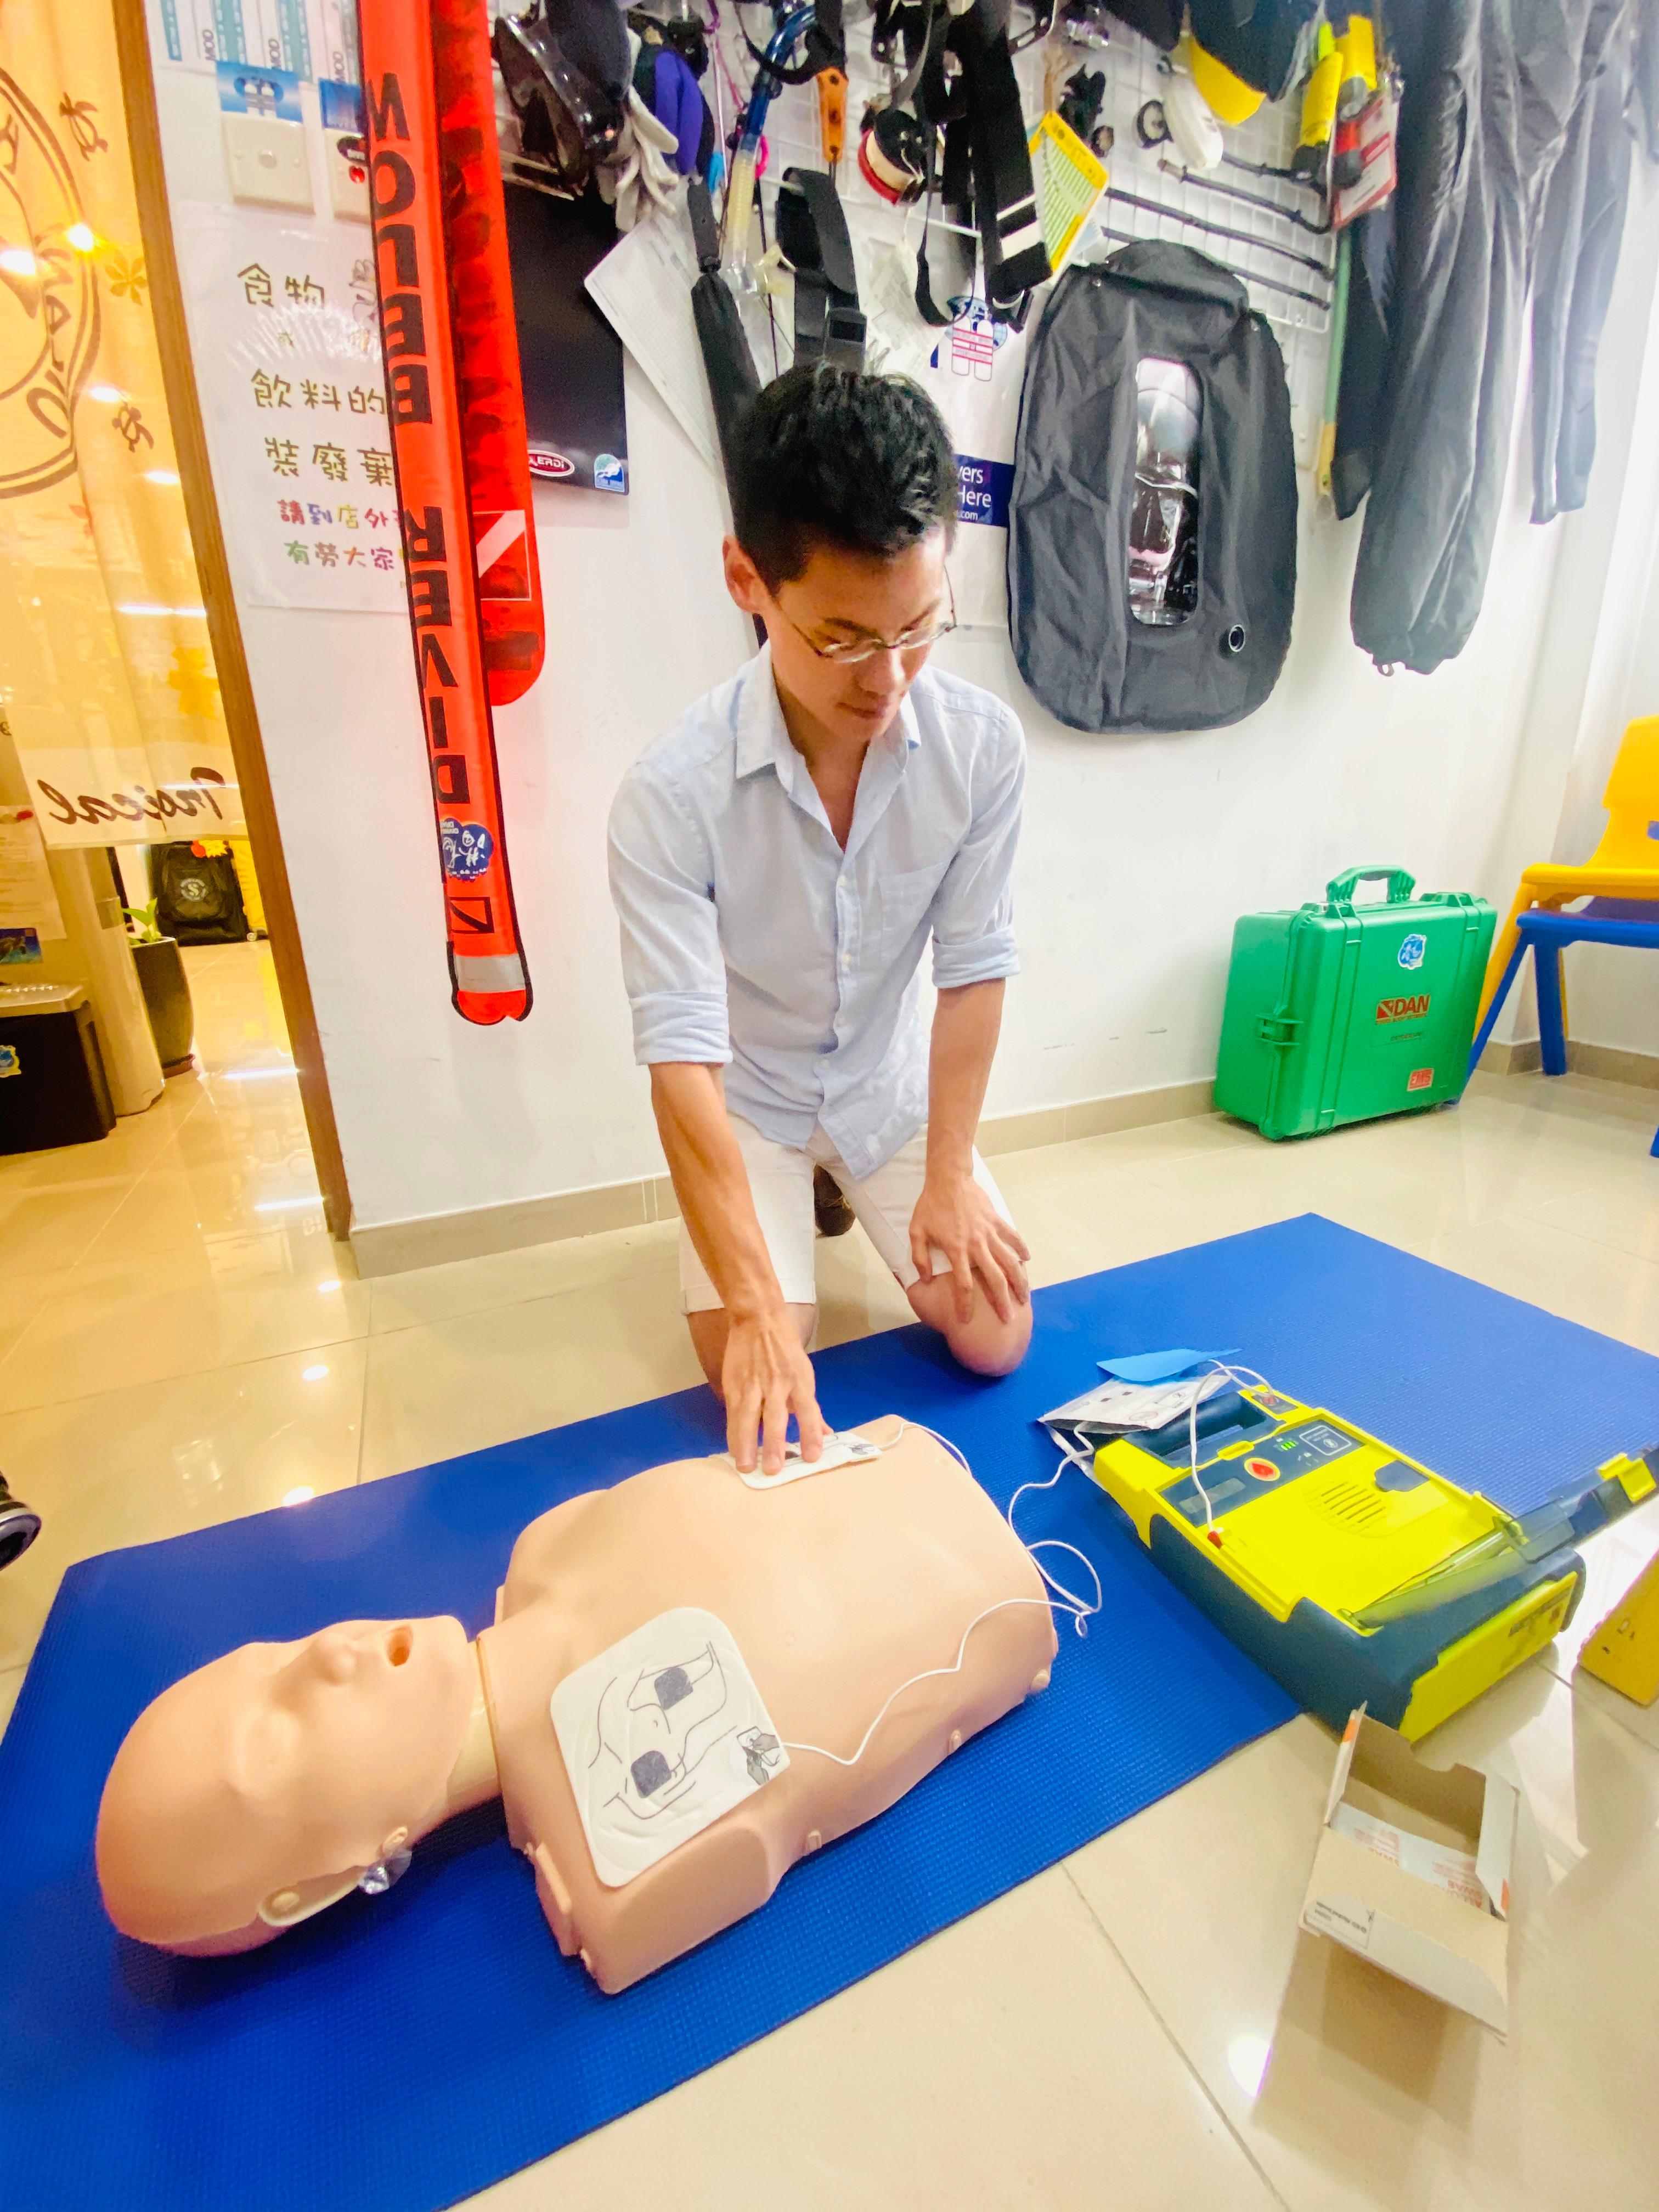 FRTI - 國際急救培訓 - 成人與兒童急救護理課程 (及教練課程)